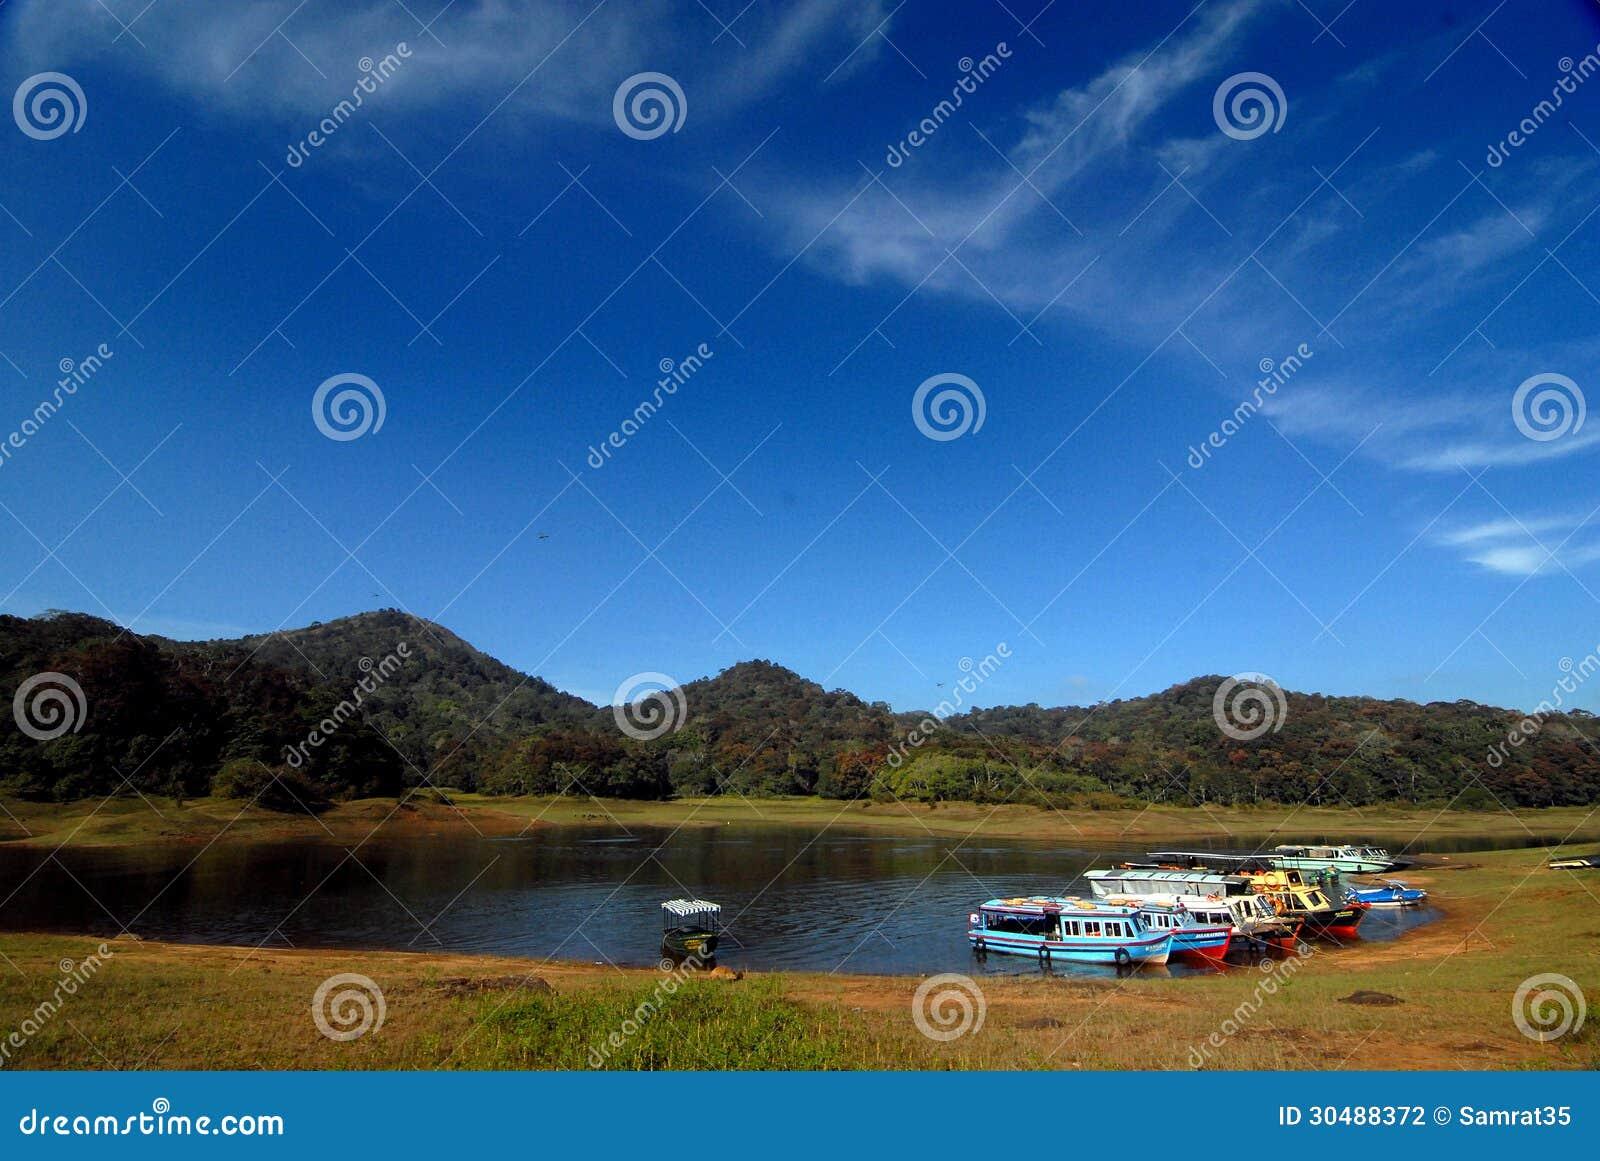 Parc national et réserve naturelle de Periyar